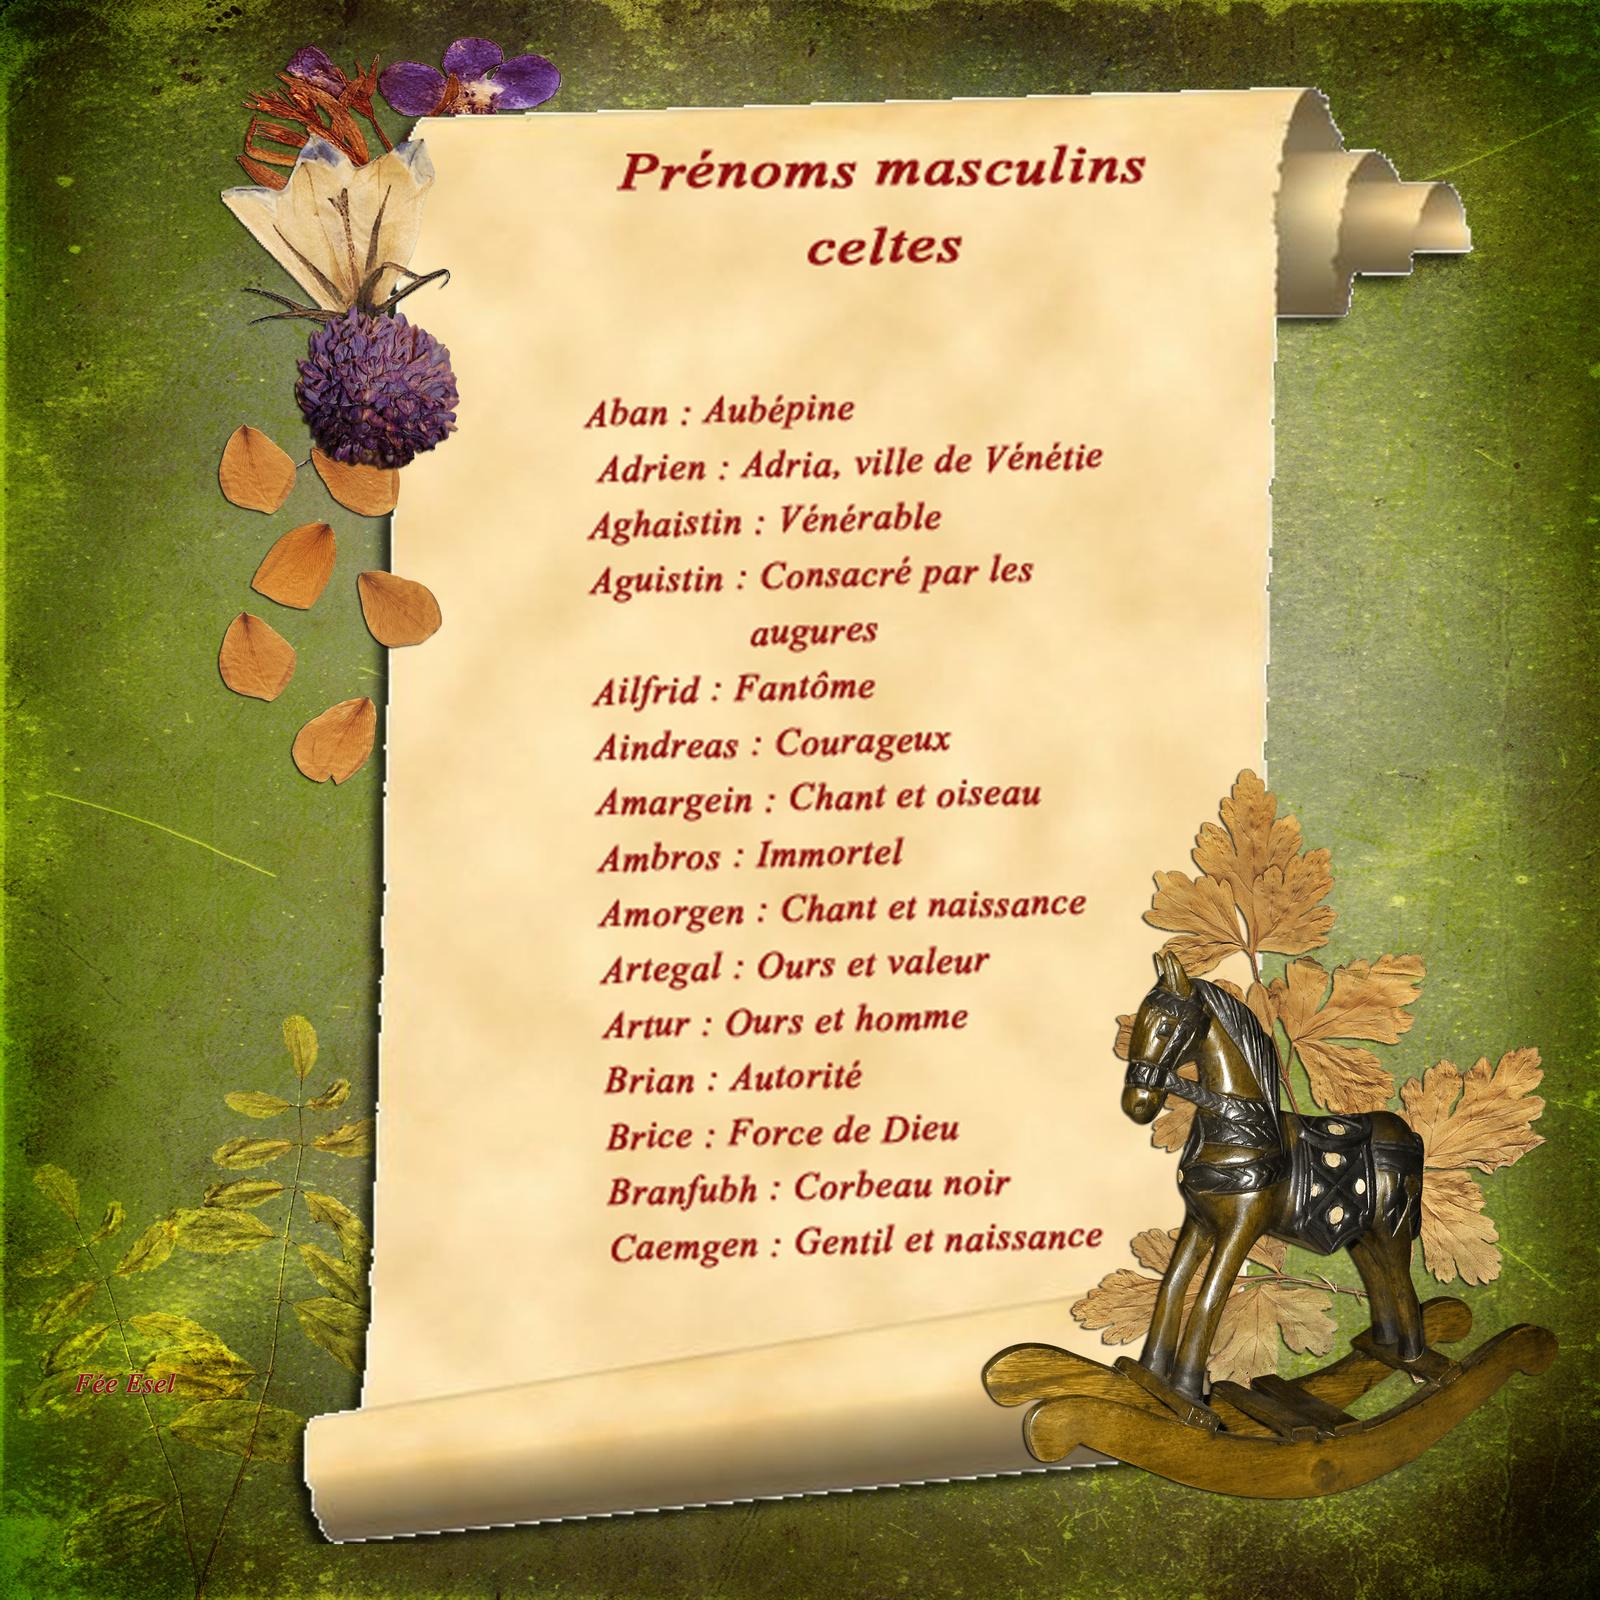 prénoms celtes